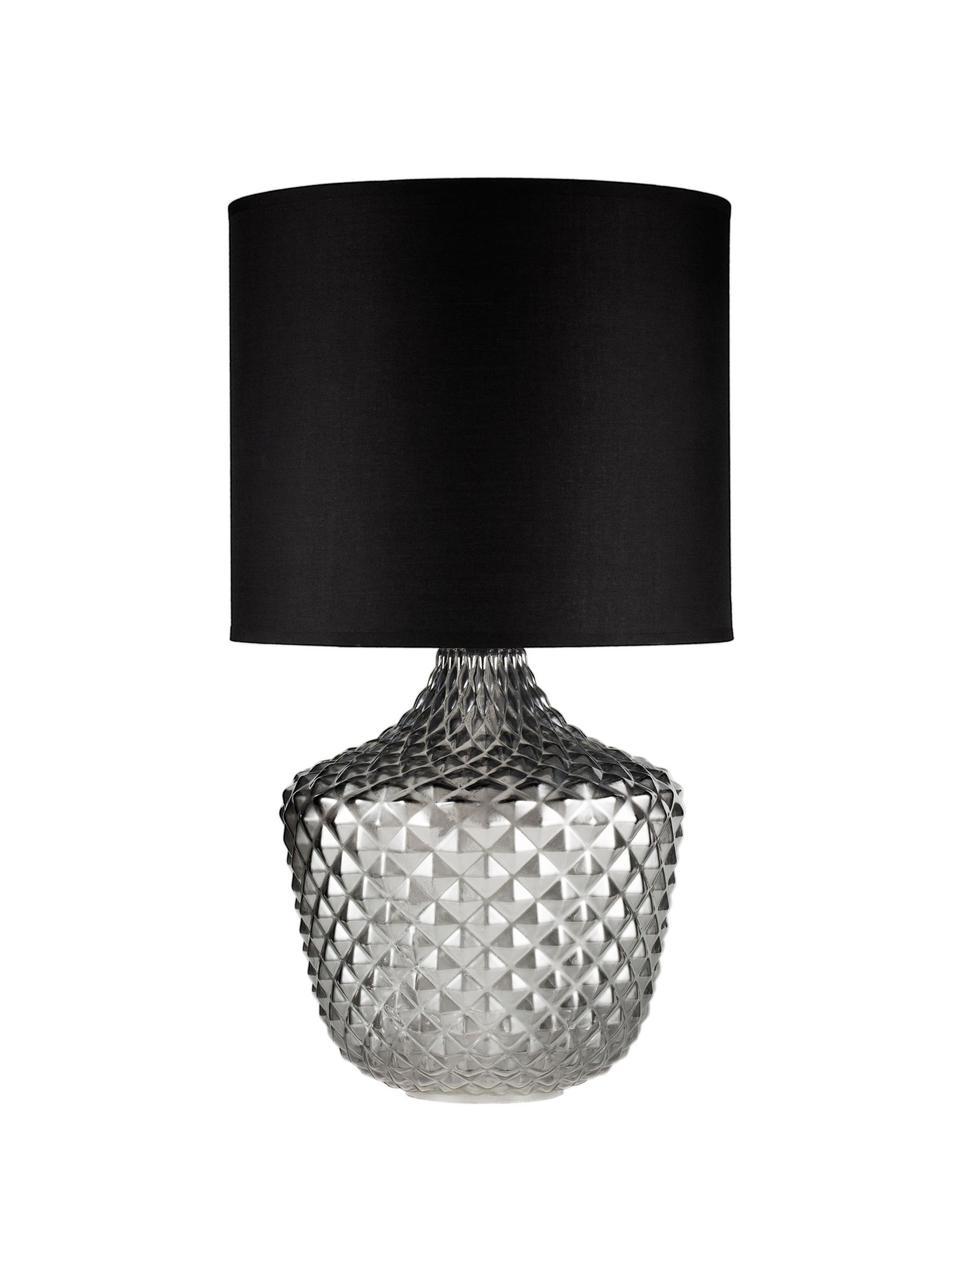 Lampada da comodino in vetro Brilliant Jewel, Paralume: tessuto, Base della lampada: vetro, Grigio, nero, Ø 32 x Alt. 56 cm